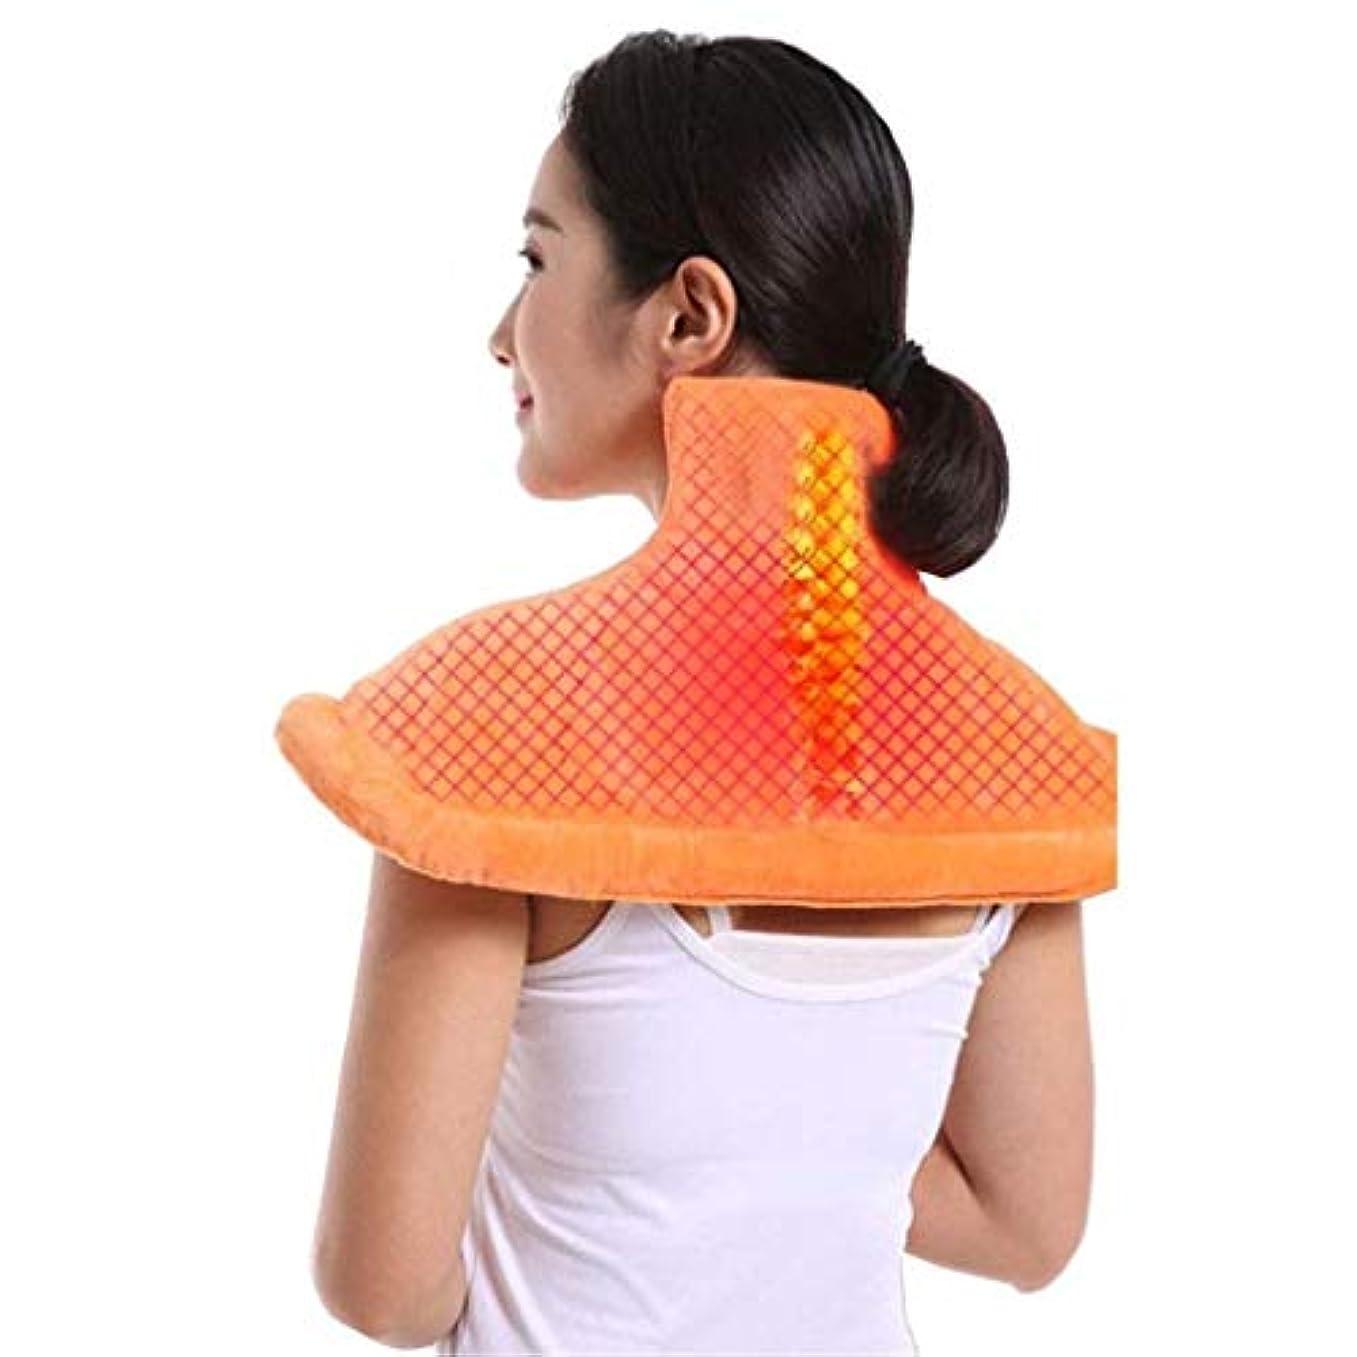 焦がす敏感な反響する首のマッサージャー、電熱パッド、首と肩と背中の痛みを和らげるツール、ストレス緩和筋肉温熱療法パッド